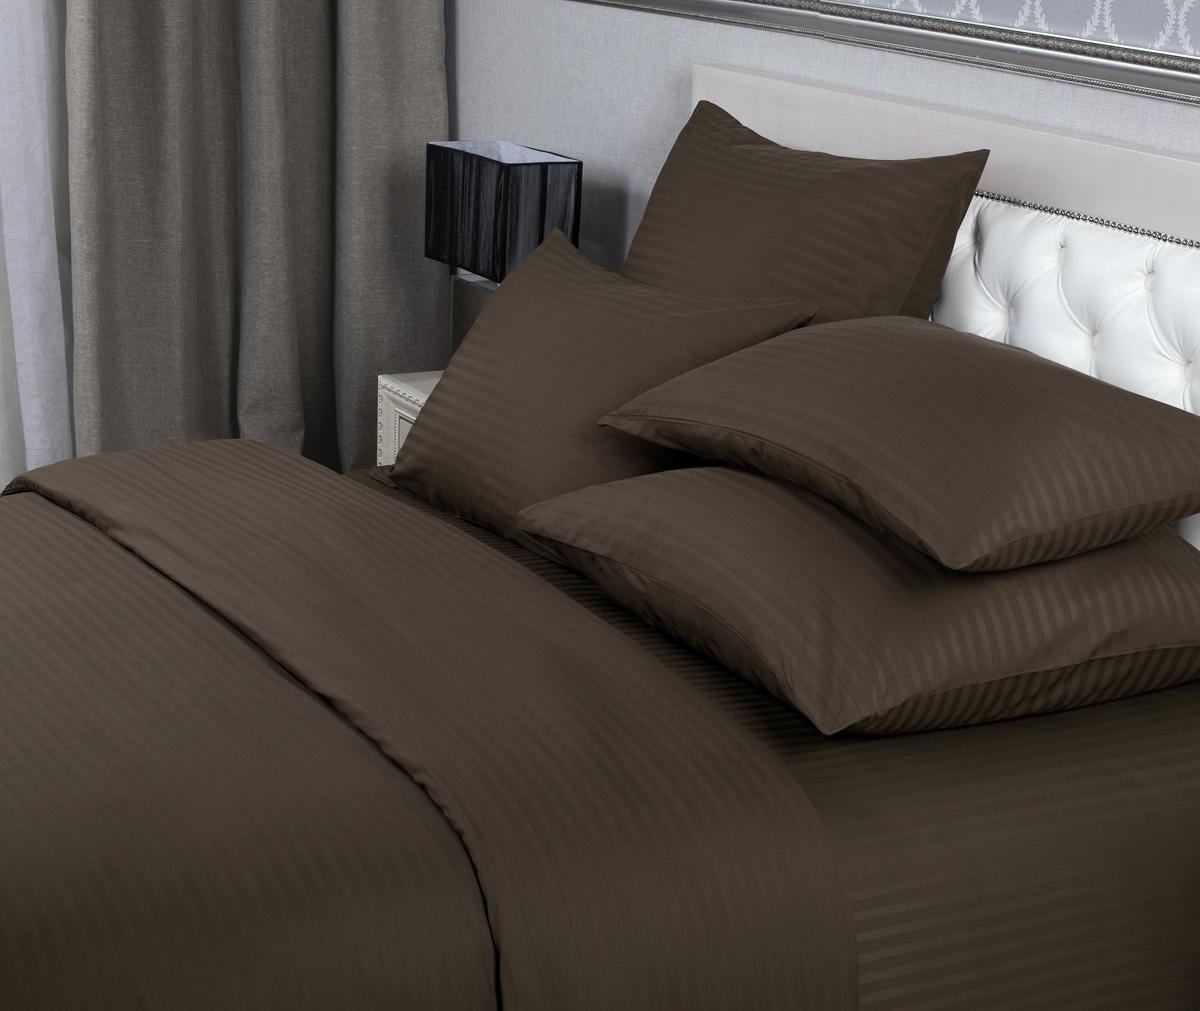 Комплект белья Verossa, 2-спальный, наволочки 70х70 см, цвет: шоколадный718988